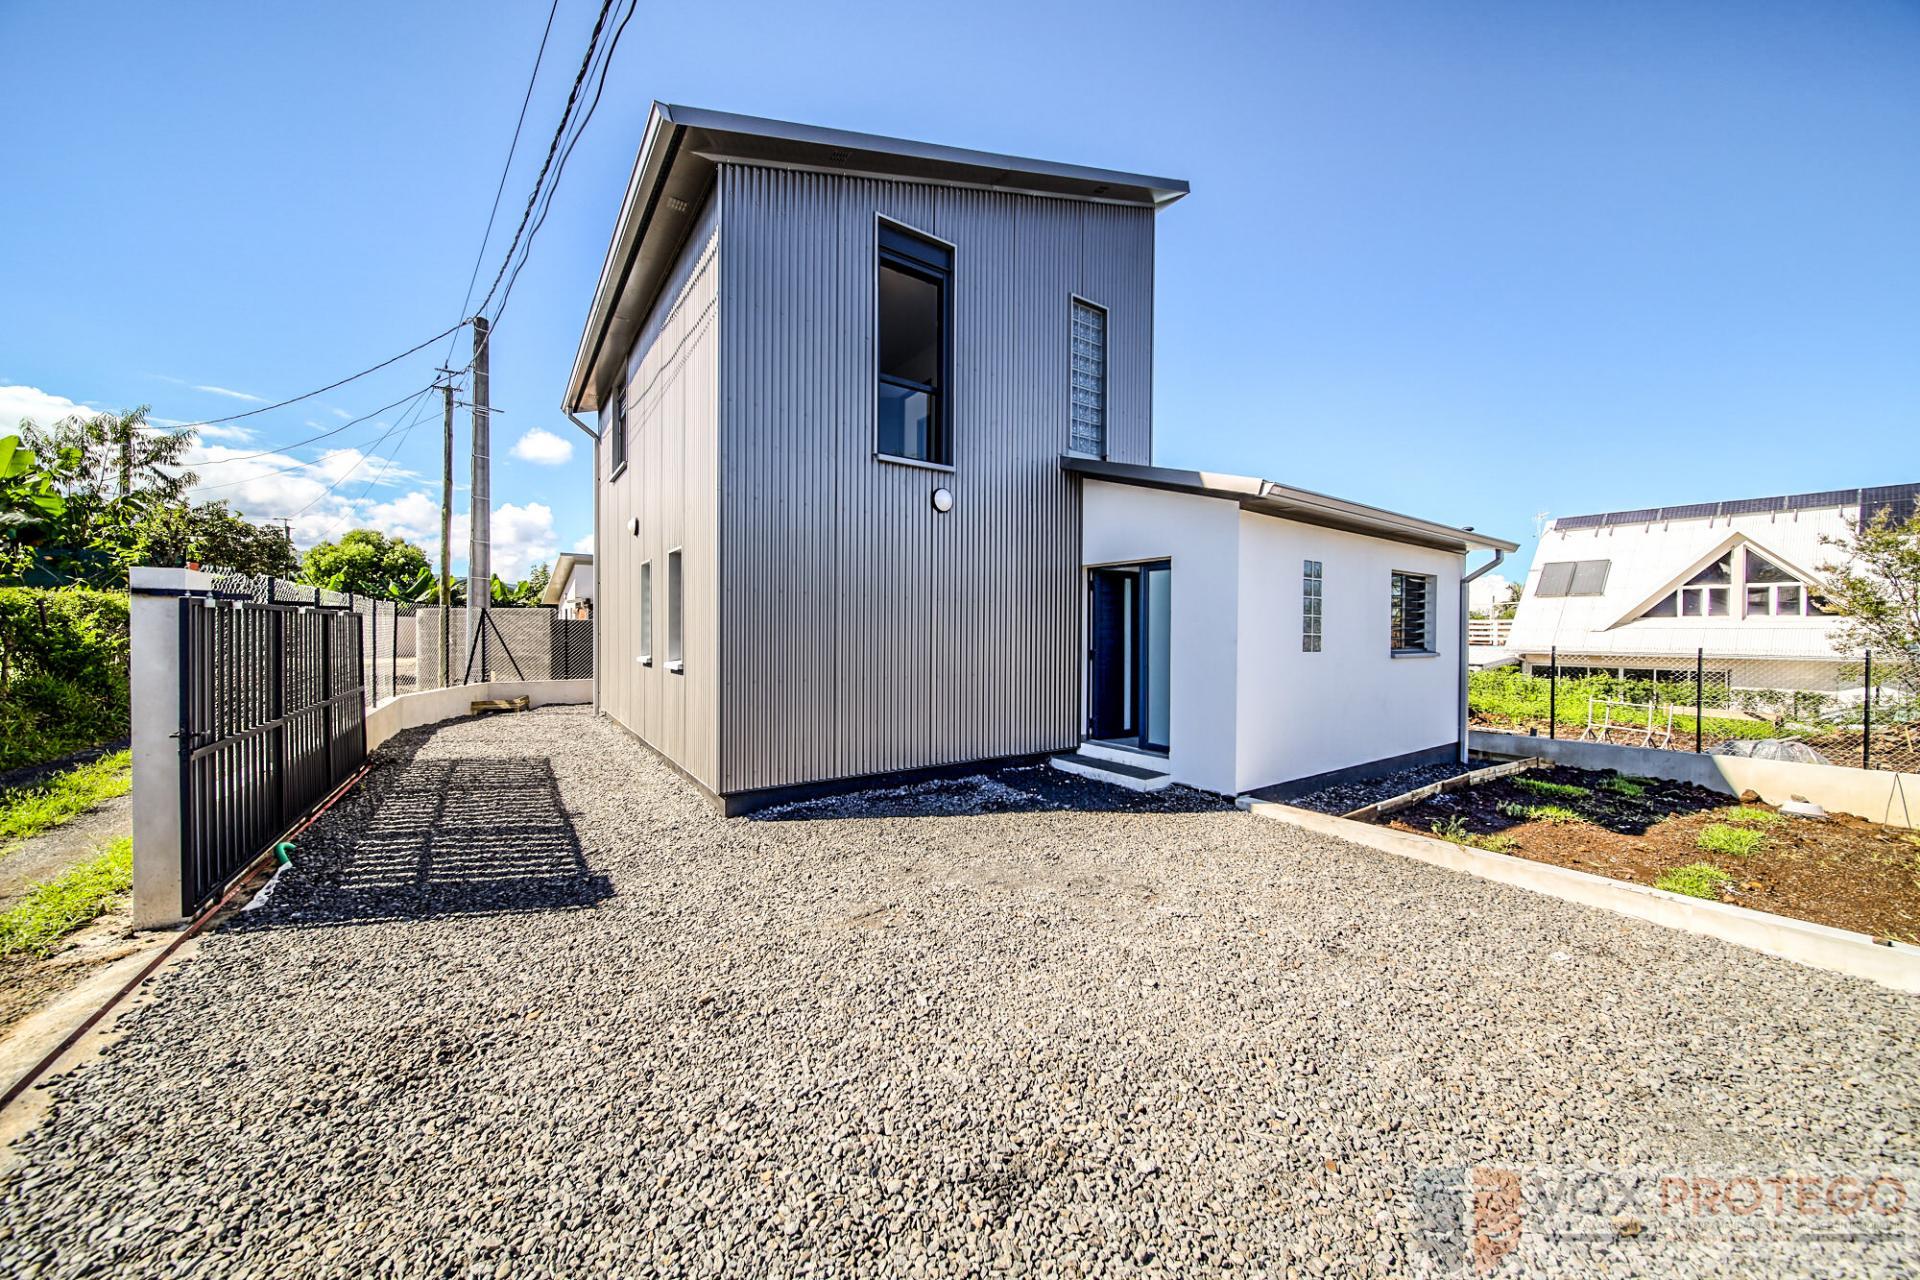 Maison F4 à louer sur le Tampon 12e km (Réunion)